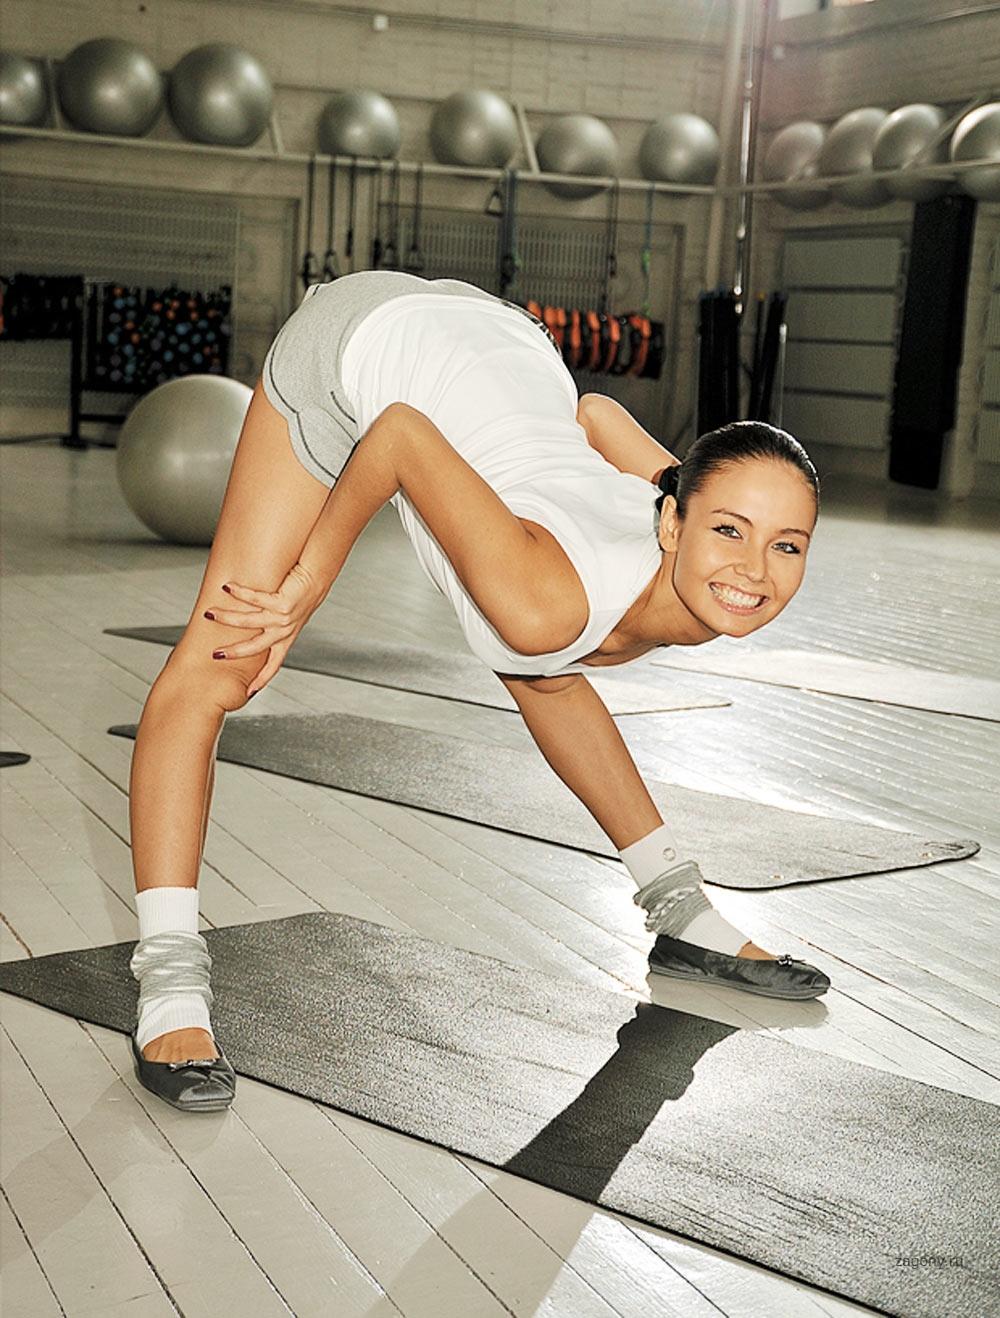 Фото гимнастки голоя 11 фотография